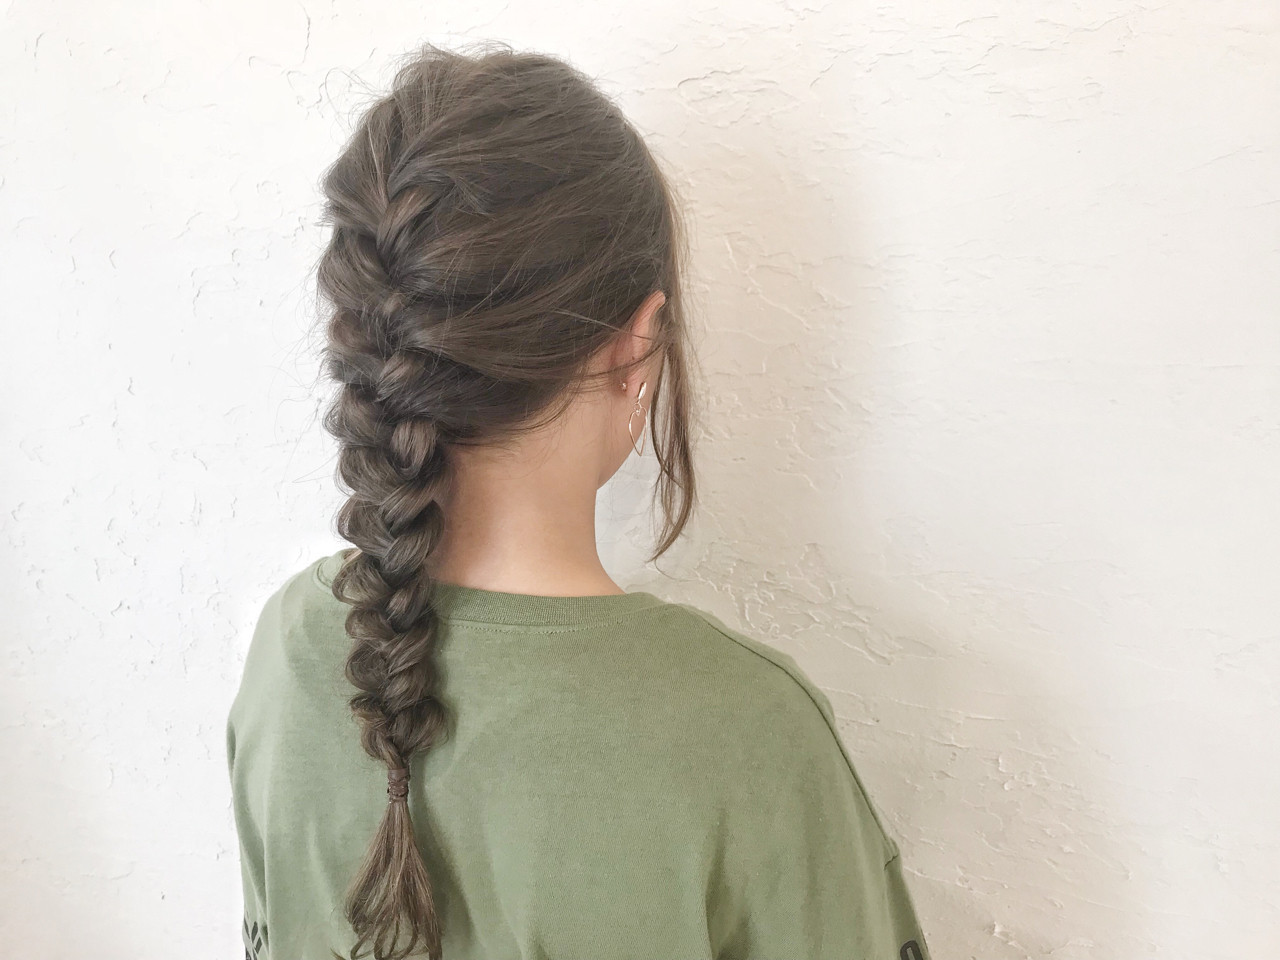 ロング フェミニン ヘアアレンジ 子供 ヘアスタイルや髪型の写真・画像